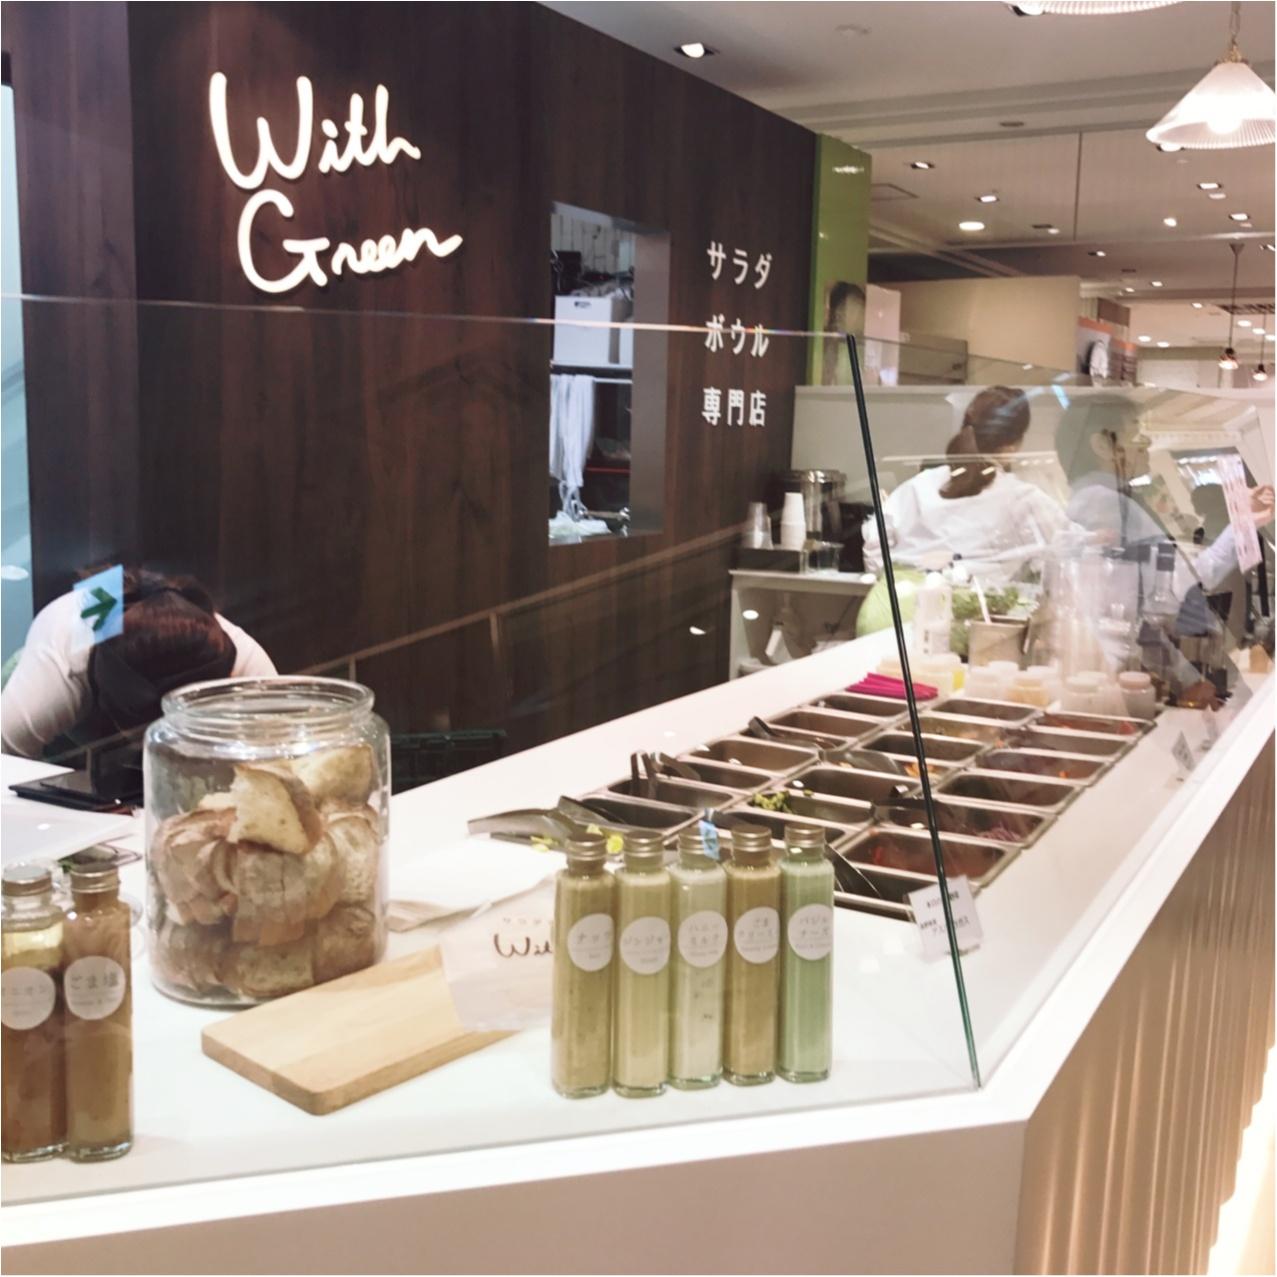 食物繊維たっぷり♡【With Green】の秋限定サラダボウルでヘルシーランチ!_1